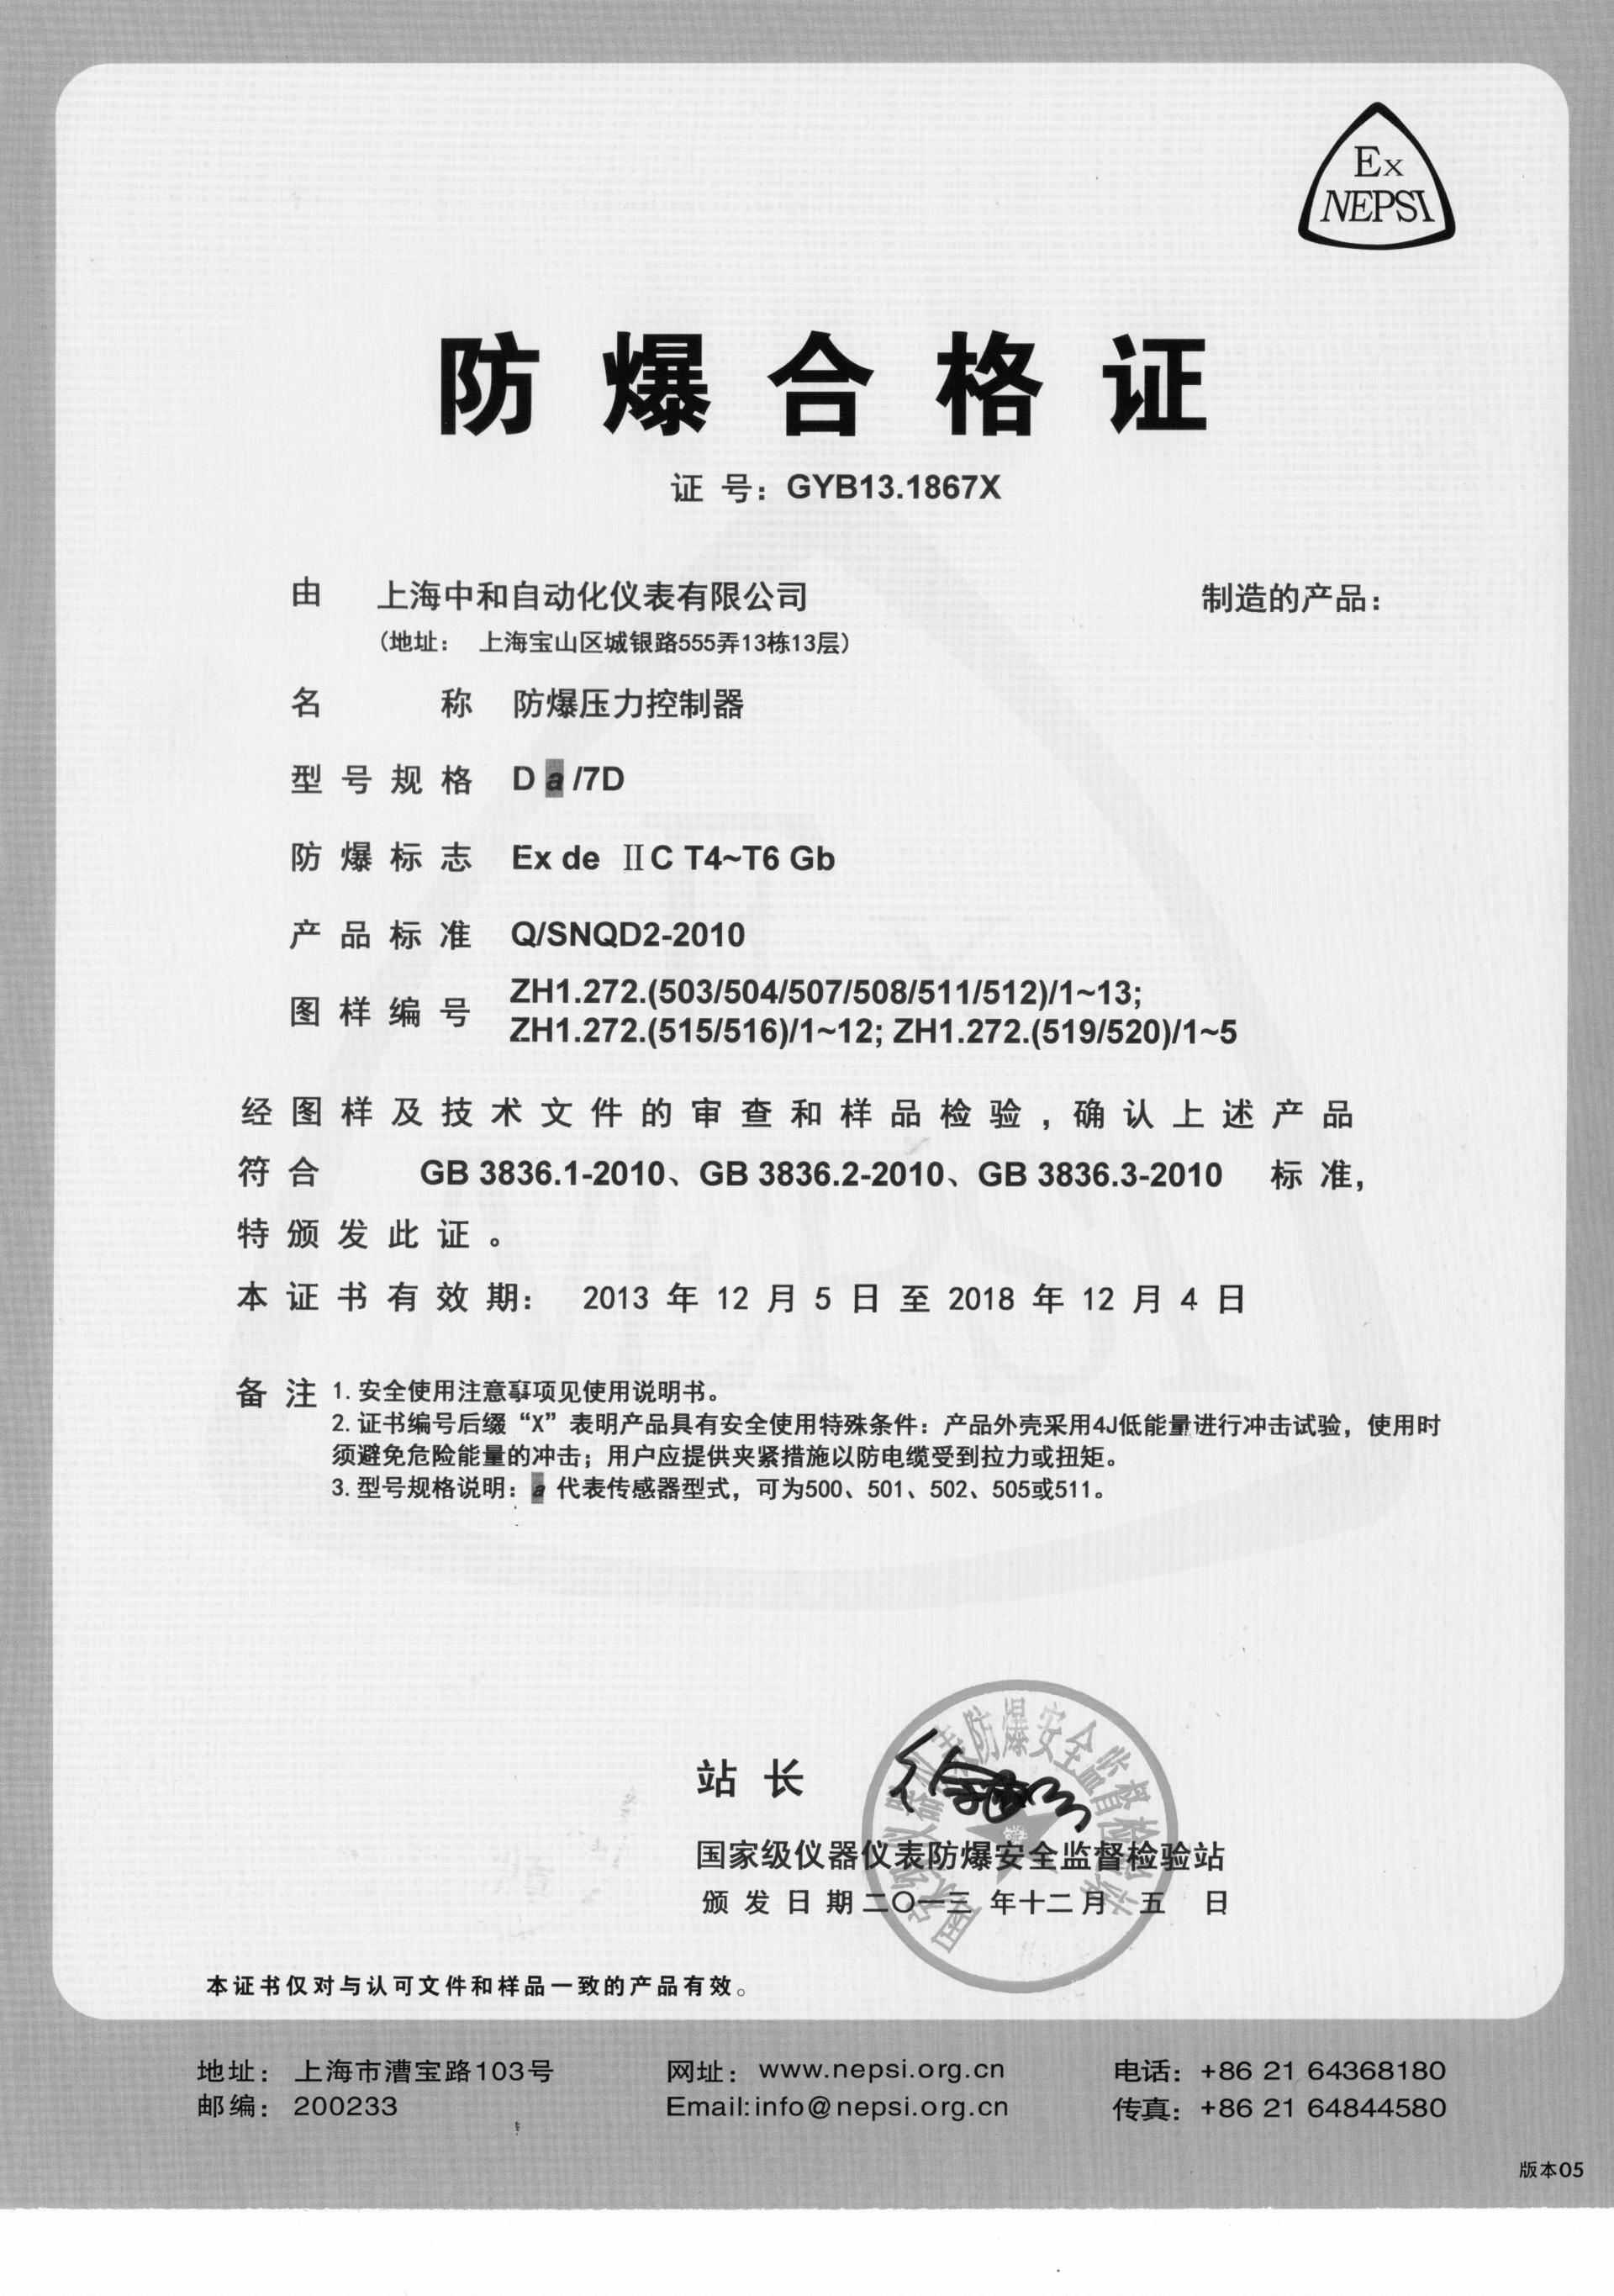 压力防爆合格证中文.jpg